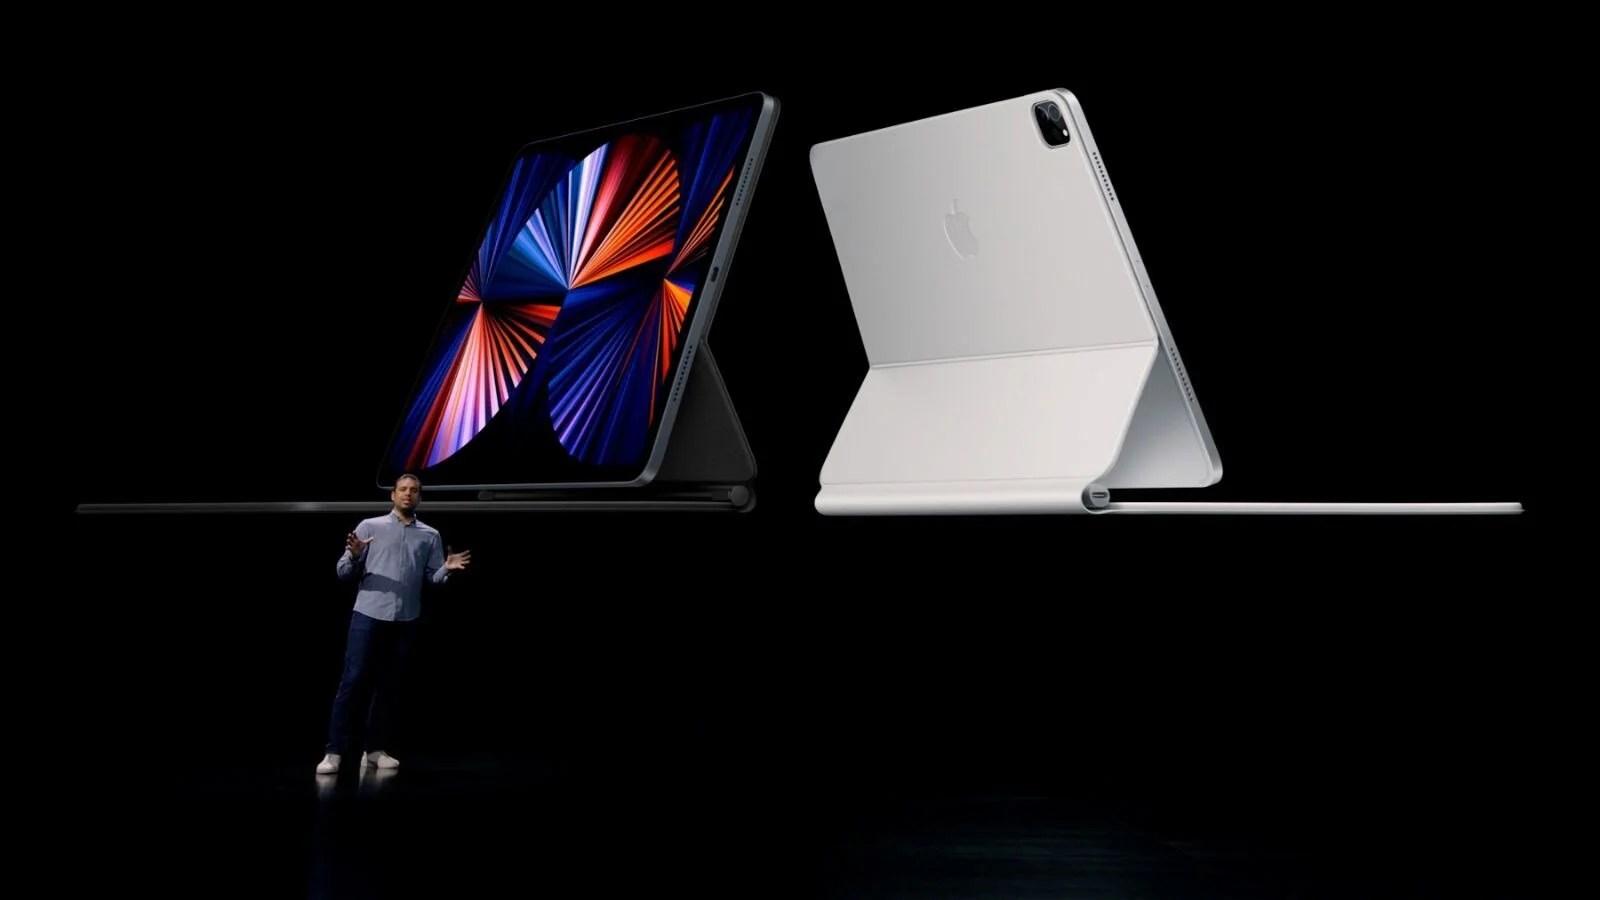 Apple yeni ürünlerini tanıttı: Renkli iMac ve 'en güçlü tablet' iPad Pro damga vurdu - 10